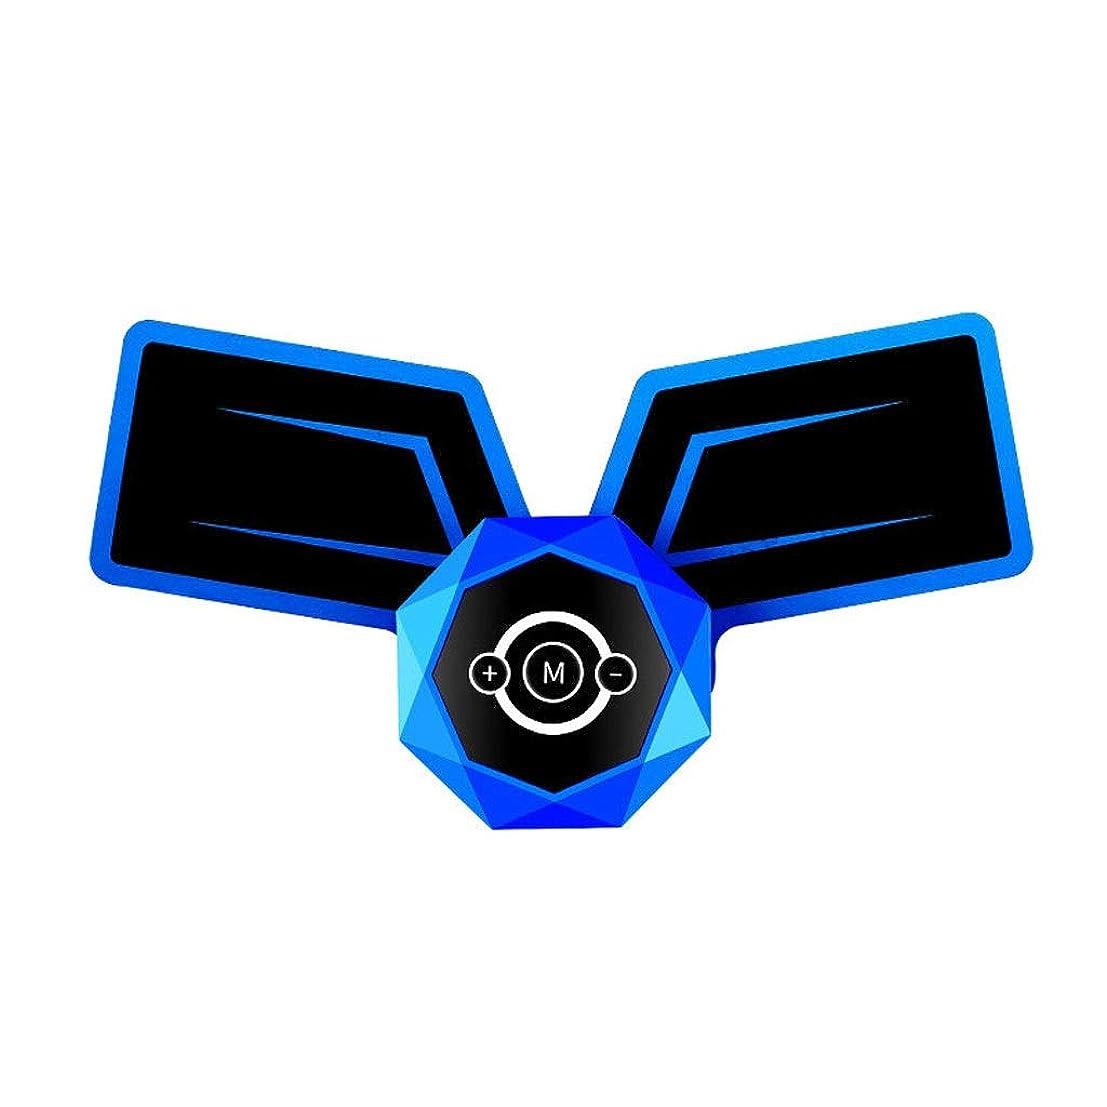 毎年牛ケージ腹筋トレーナーEMS筋肉刺激装置、インテリジェント音声ブロードキャストとUSB充電付き腹部調色ベルト、男性と女性の腹部脚用筋トナー (Color : Voice-Blue 1, Size : A)